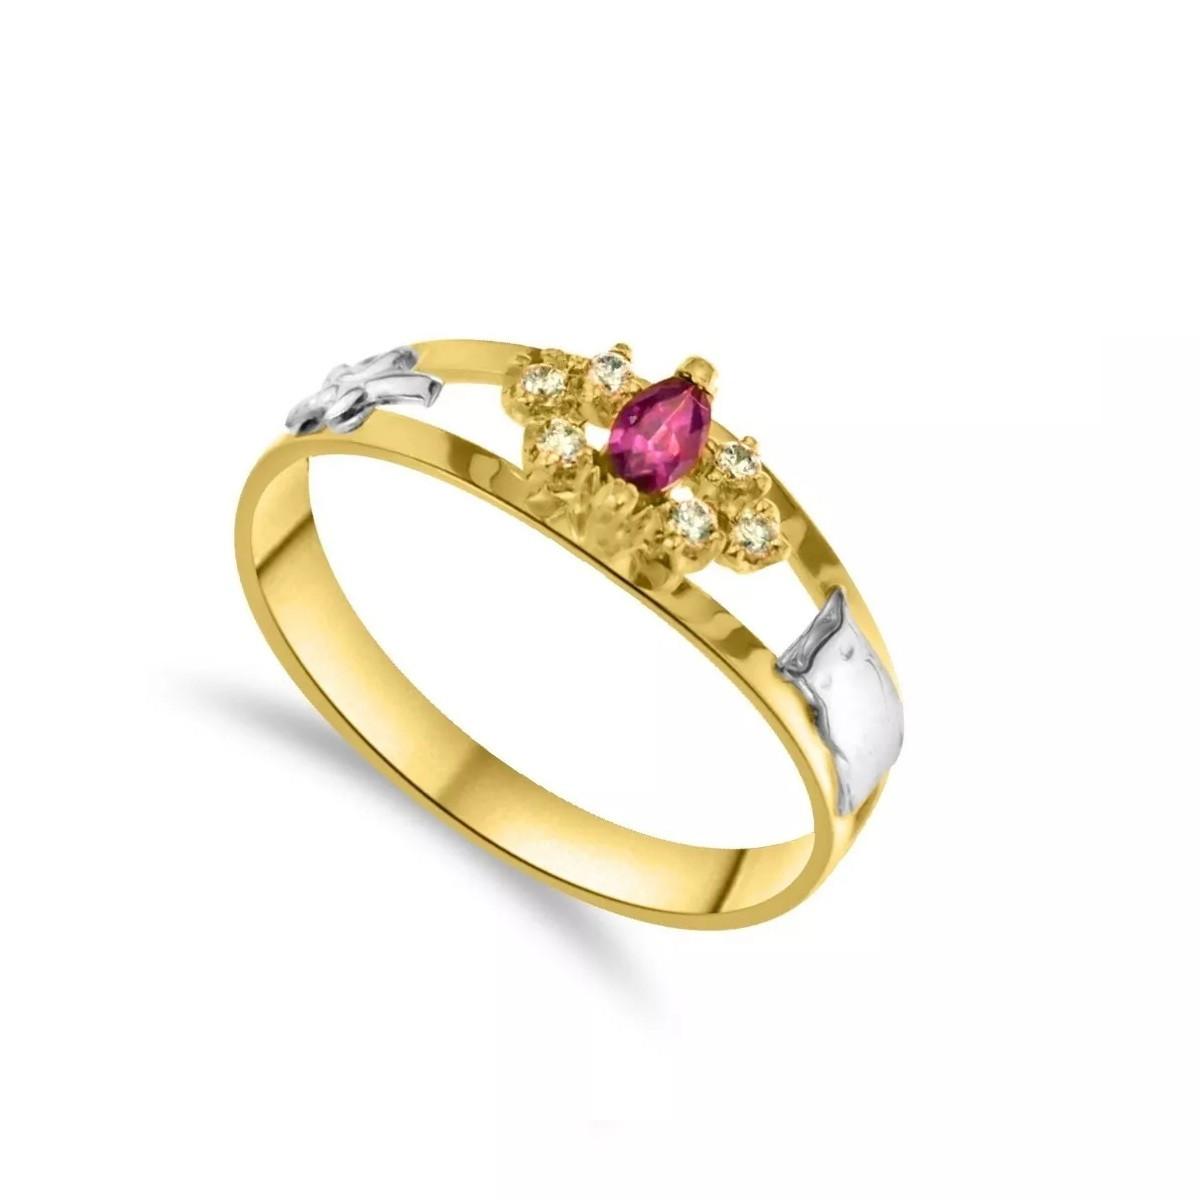 Anel de Formatura Feminino Ouro 18k Zircônias - Mod 5-22 no Elo7 ... f03e65651e